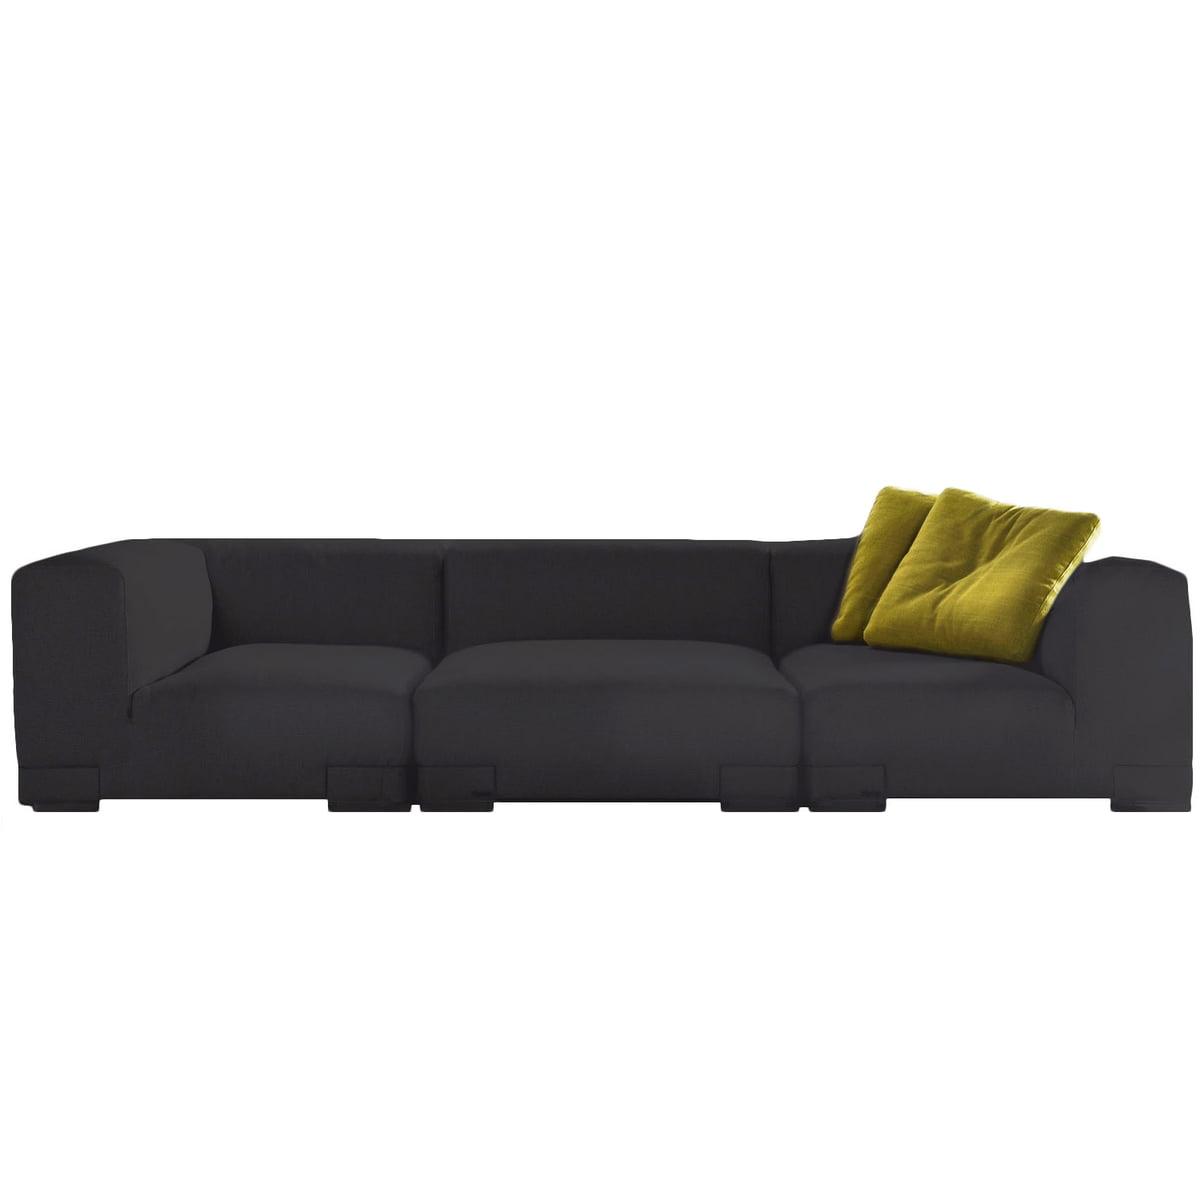 Full Size of Impressionen Sofa Poco Big Polsterreiniger Ligne Roset Delife Schillig Kissen Samt Rundes Recamiere Sofa Weiches Sofa